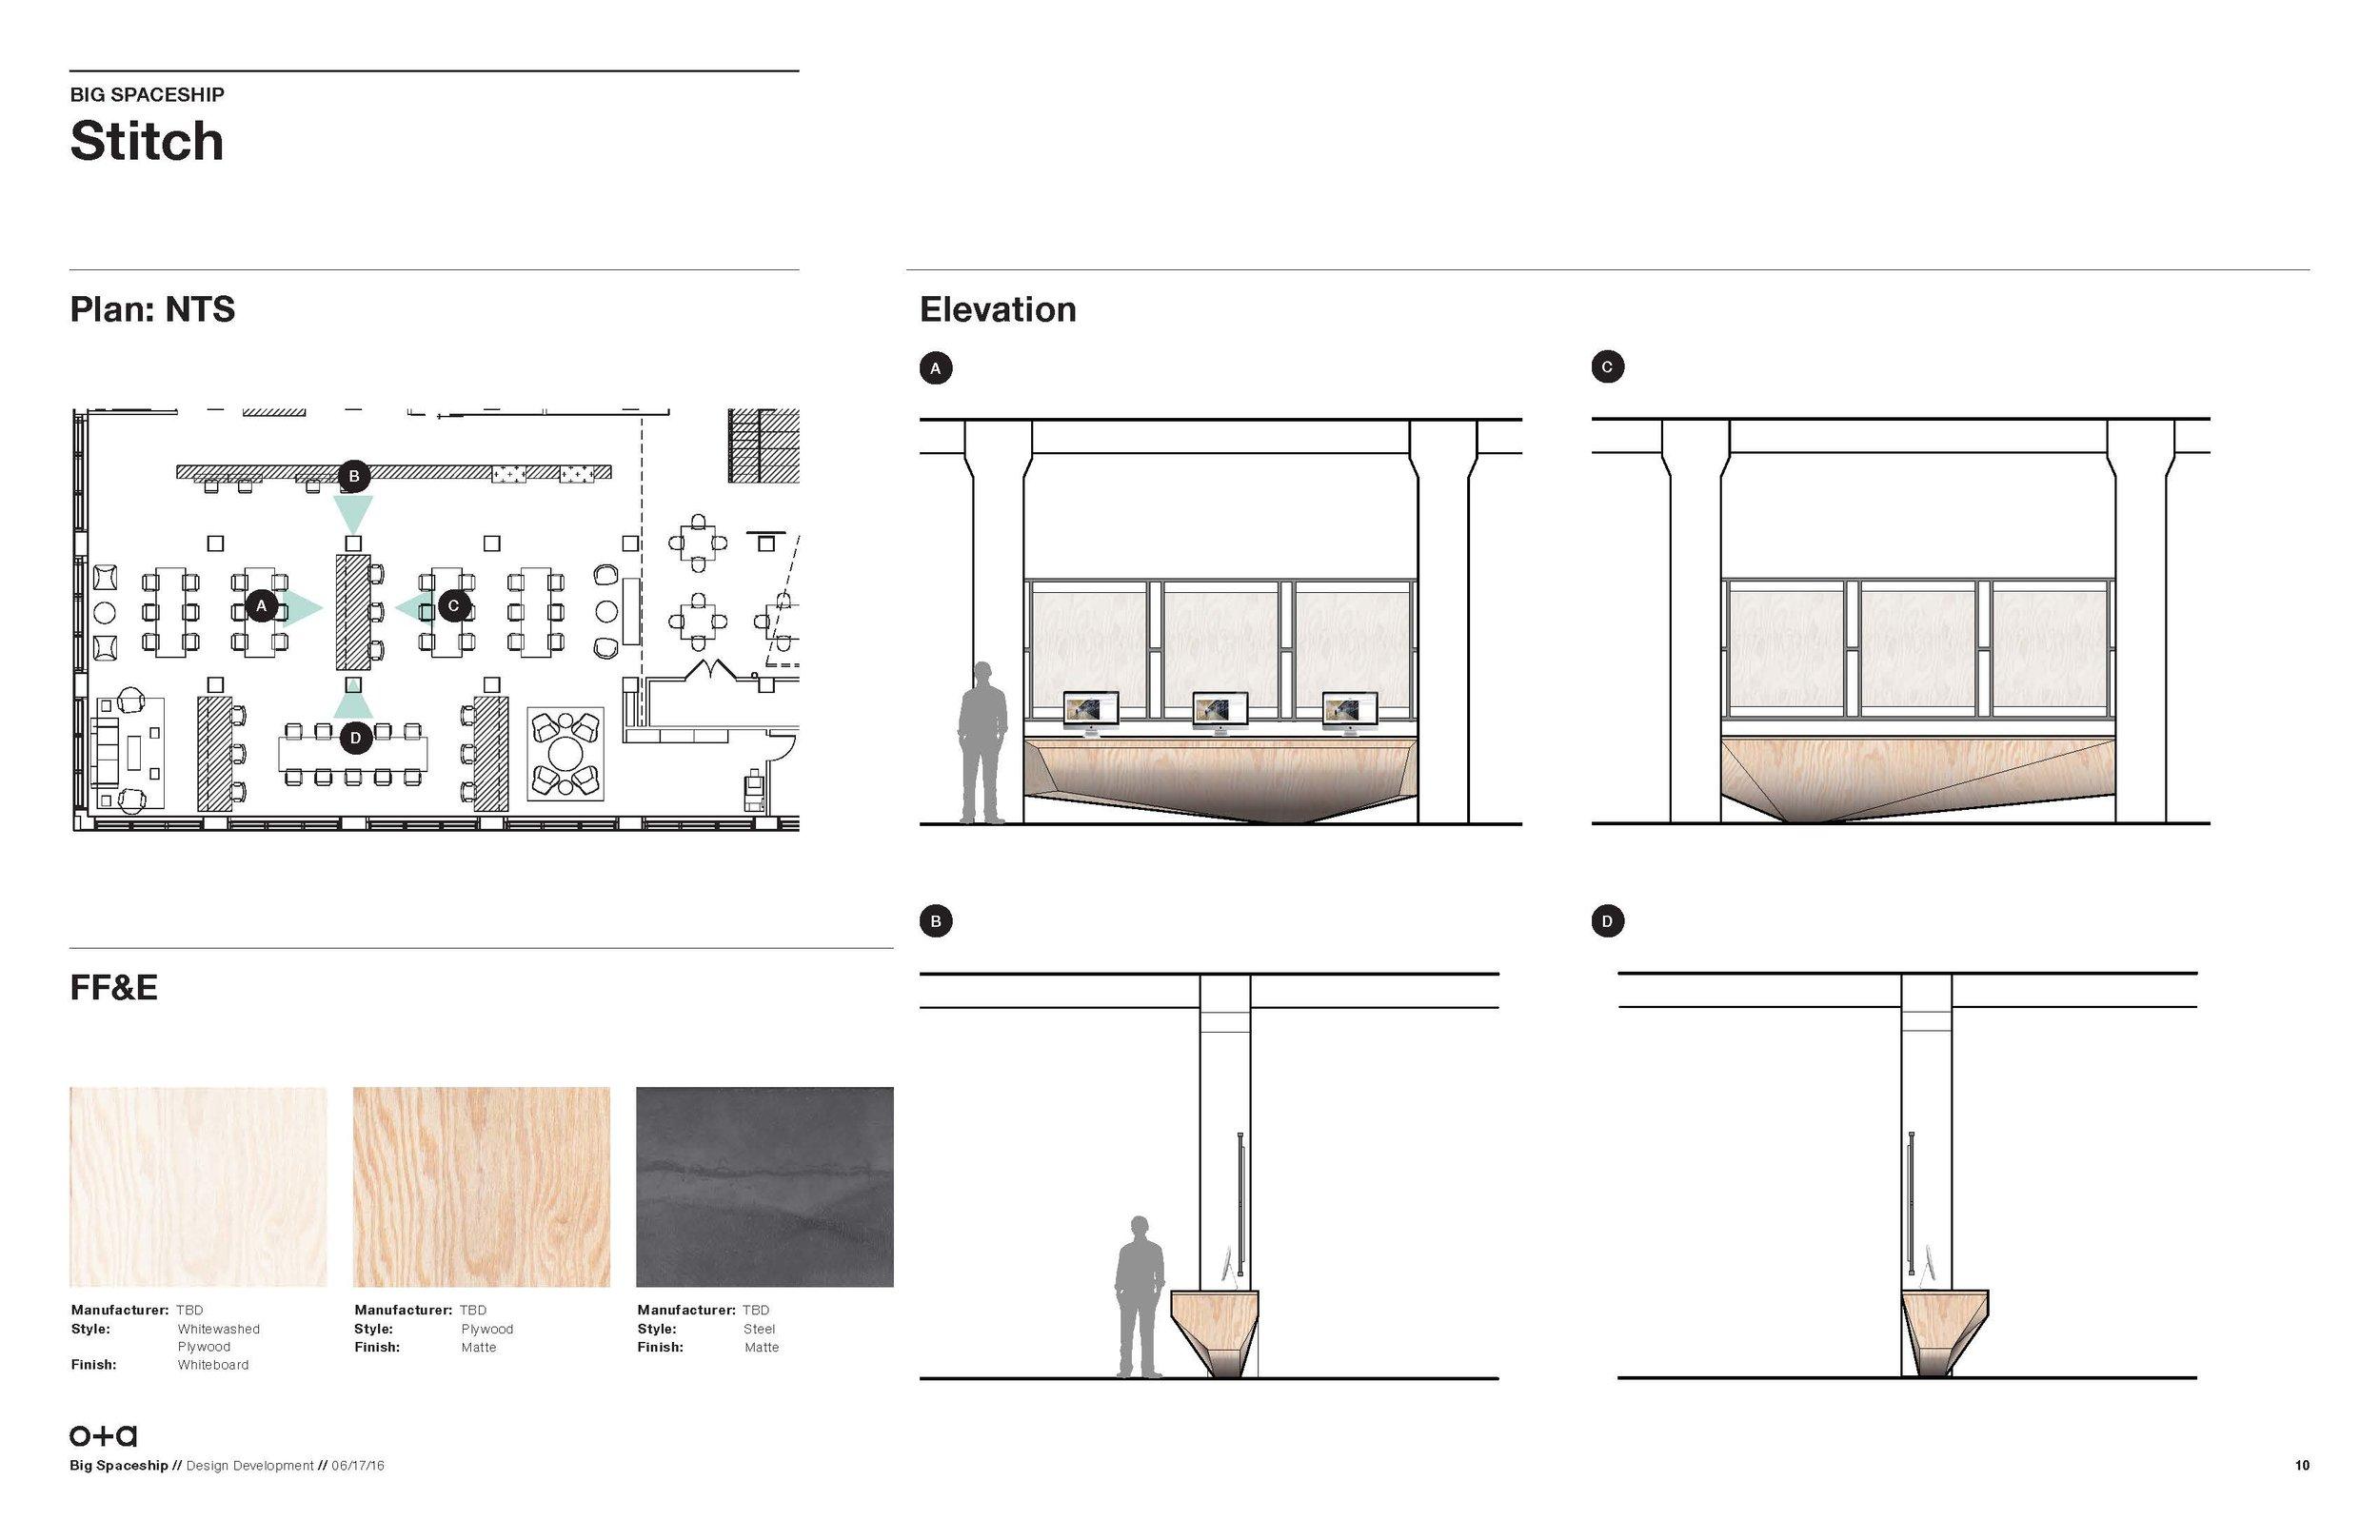 16_0617_BigSpaceship_DesignDevelopment_Page_10.jpg